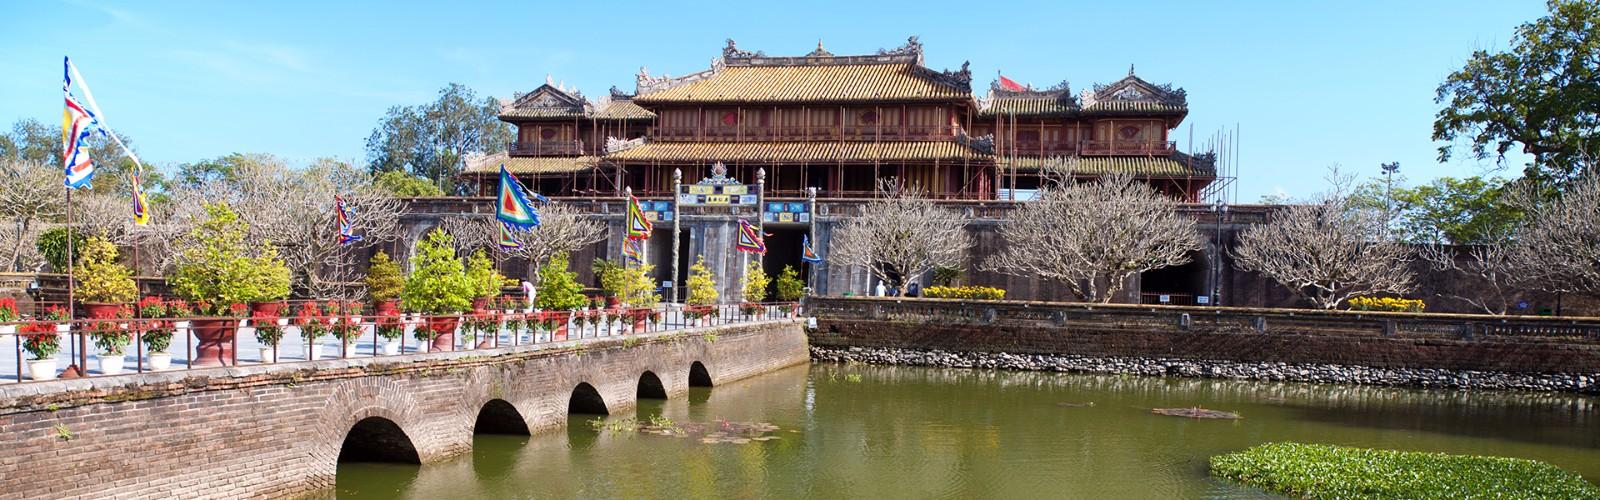 Wondrous Vietnam